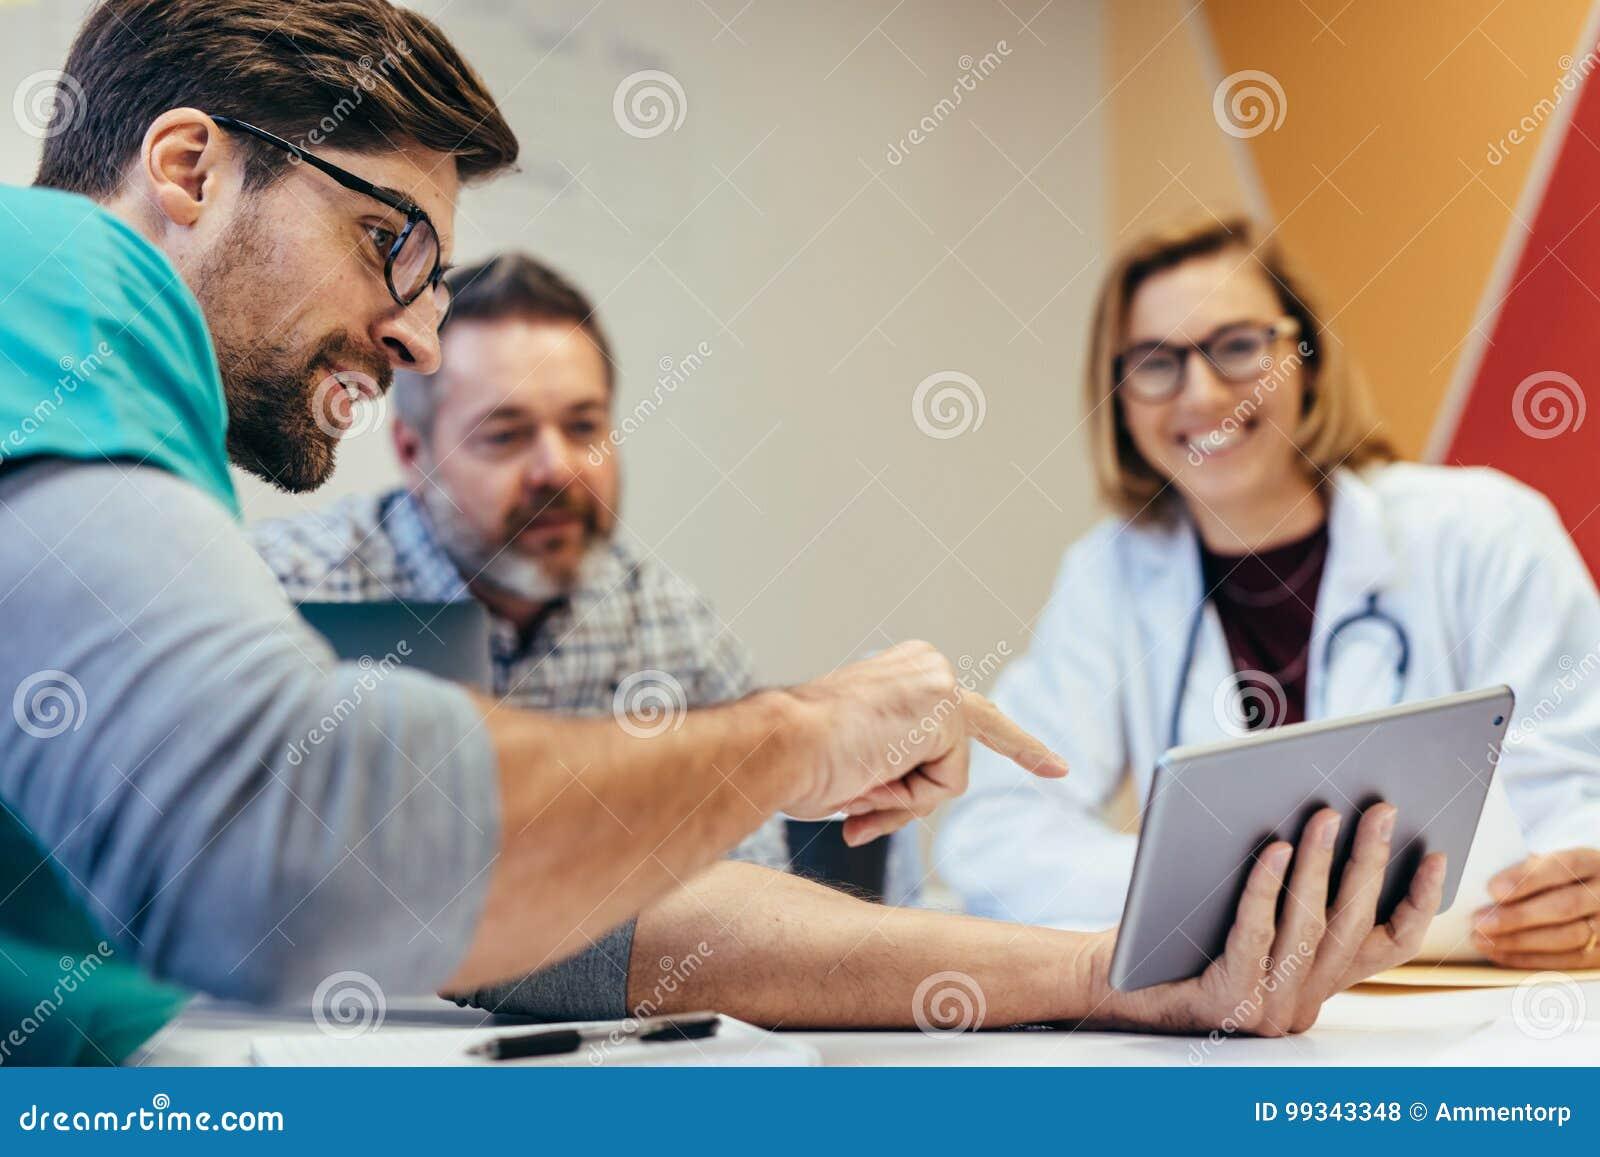 Ochtendbriefing van medisch personeel in bestuurskamer